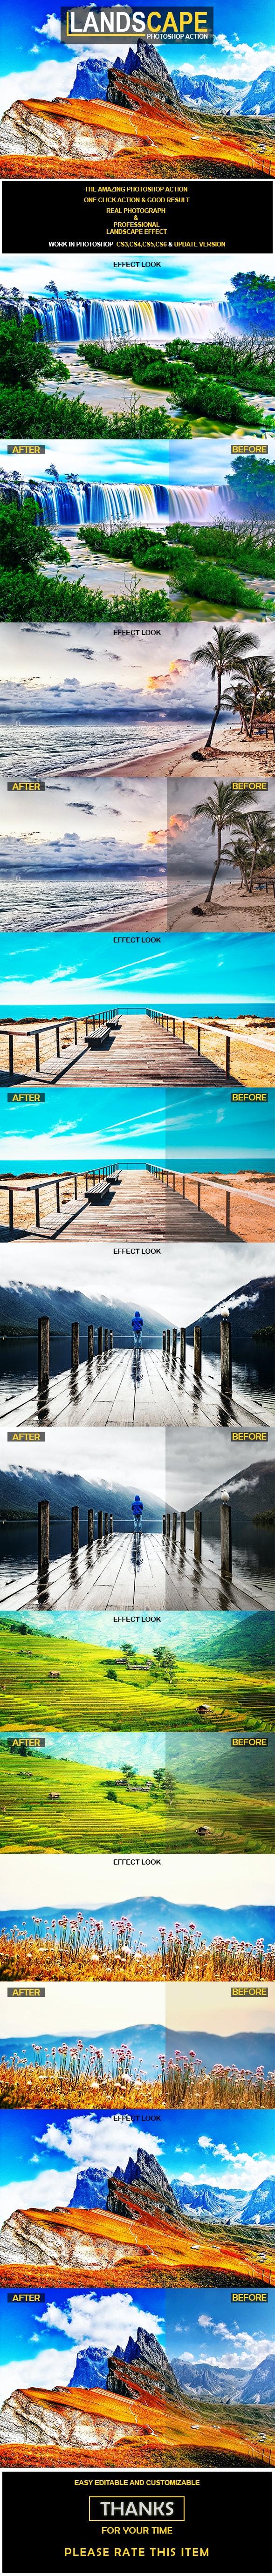 Landscape Photoshop Action - Actions Photoshop